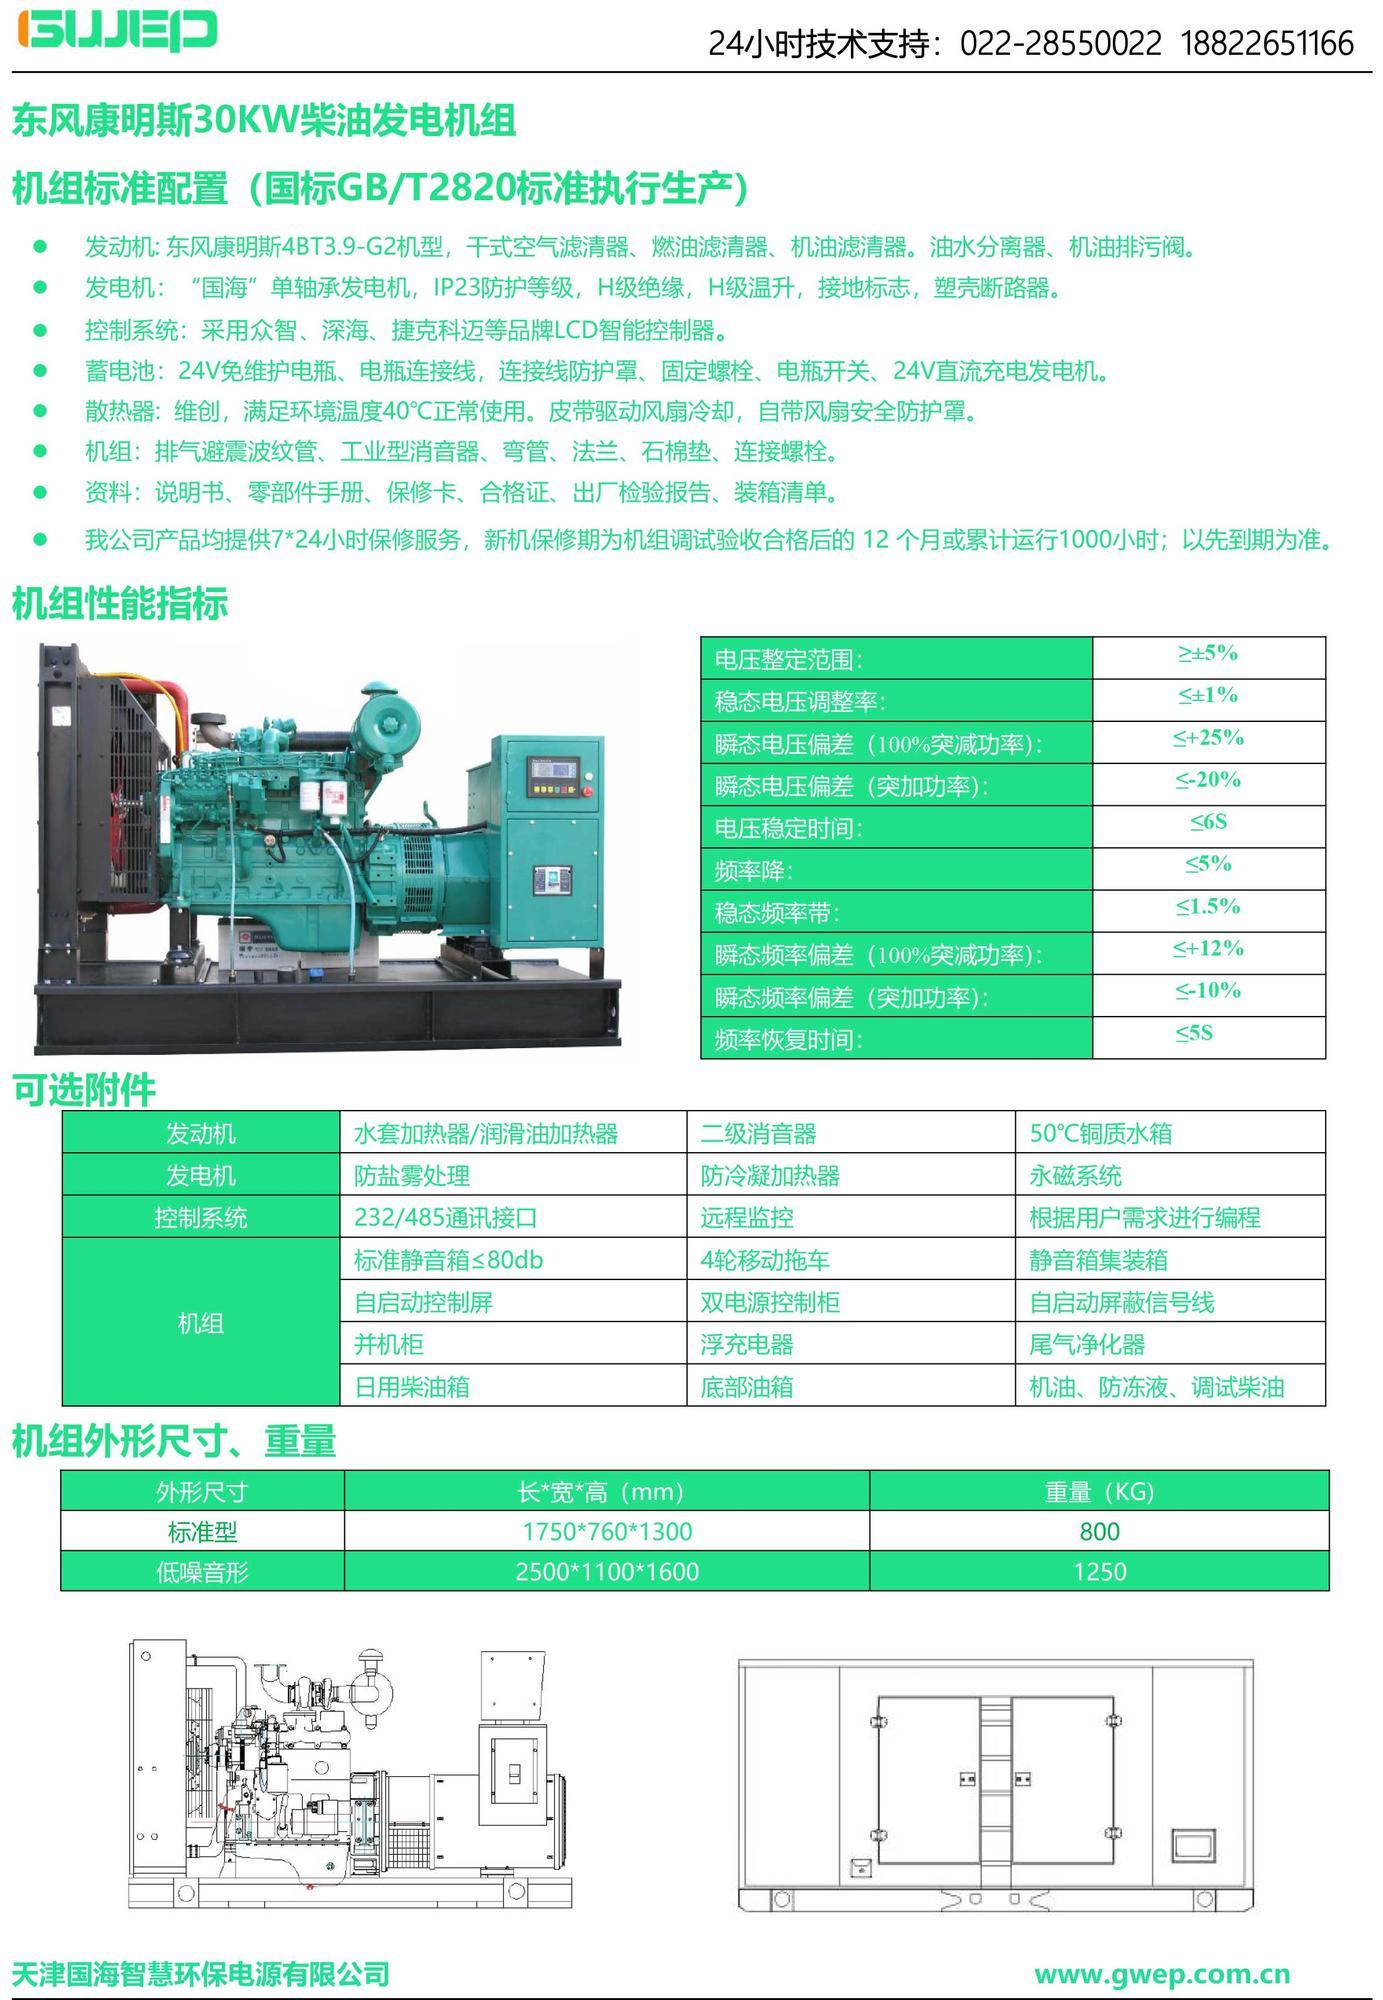 康明斯30KW发电机组技术资料-1.jpg